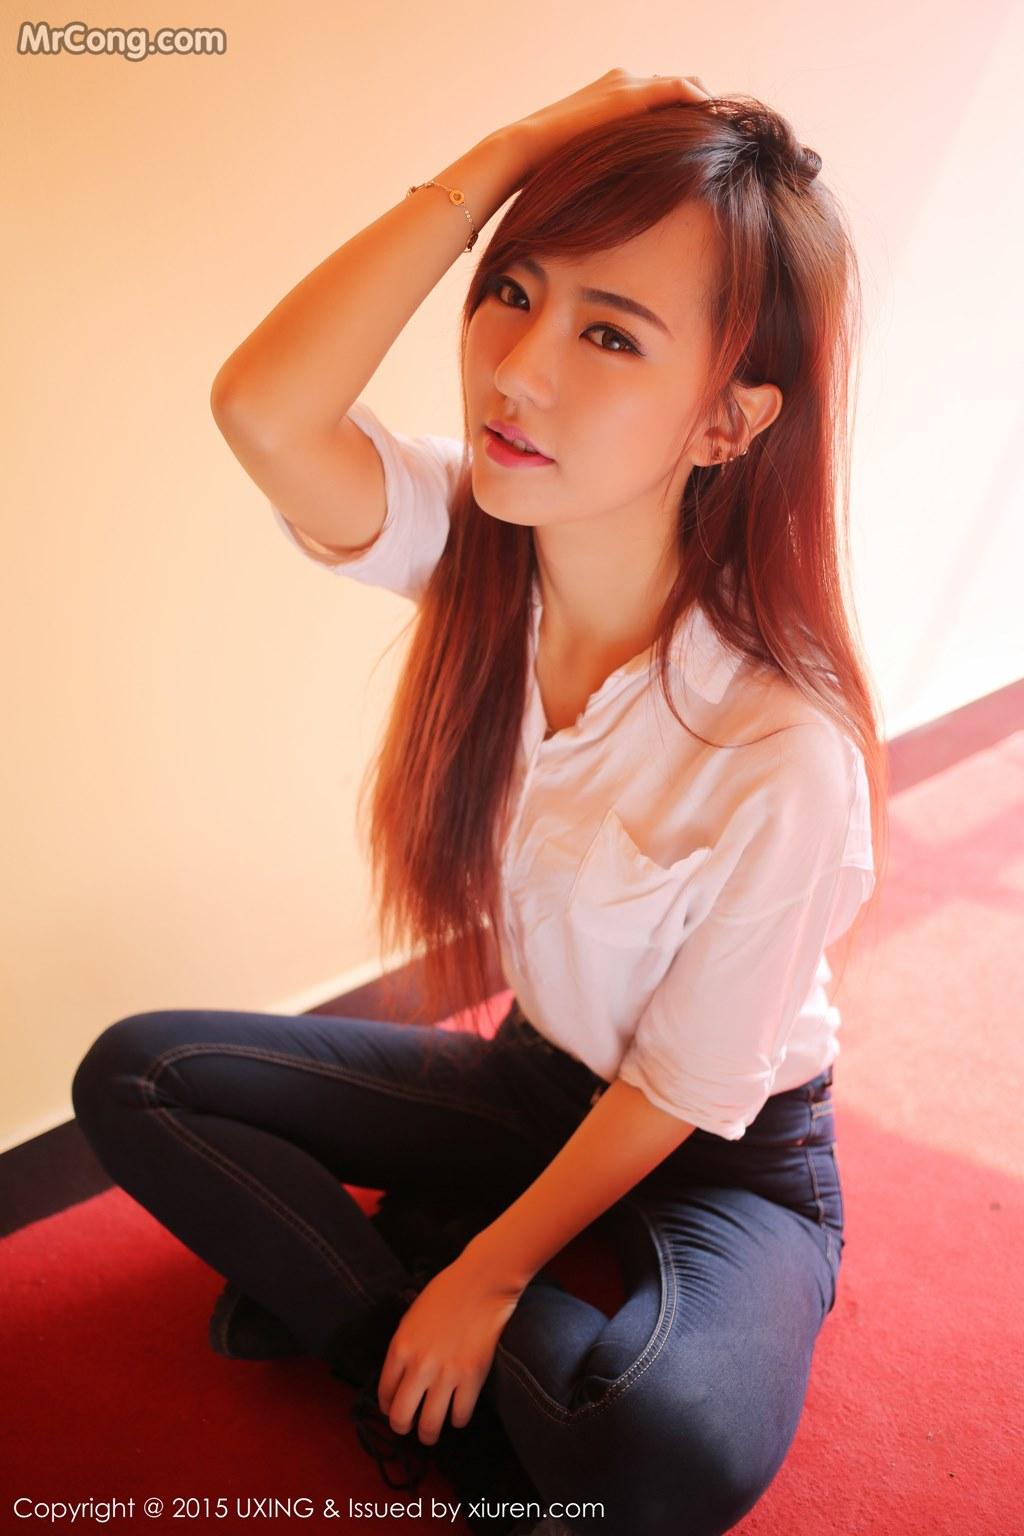 UXING Vol.001: Người mẫu Wanni (赵婉妮) (68 ảnh)